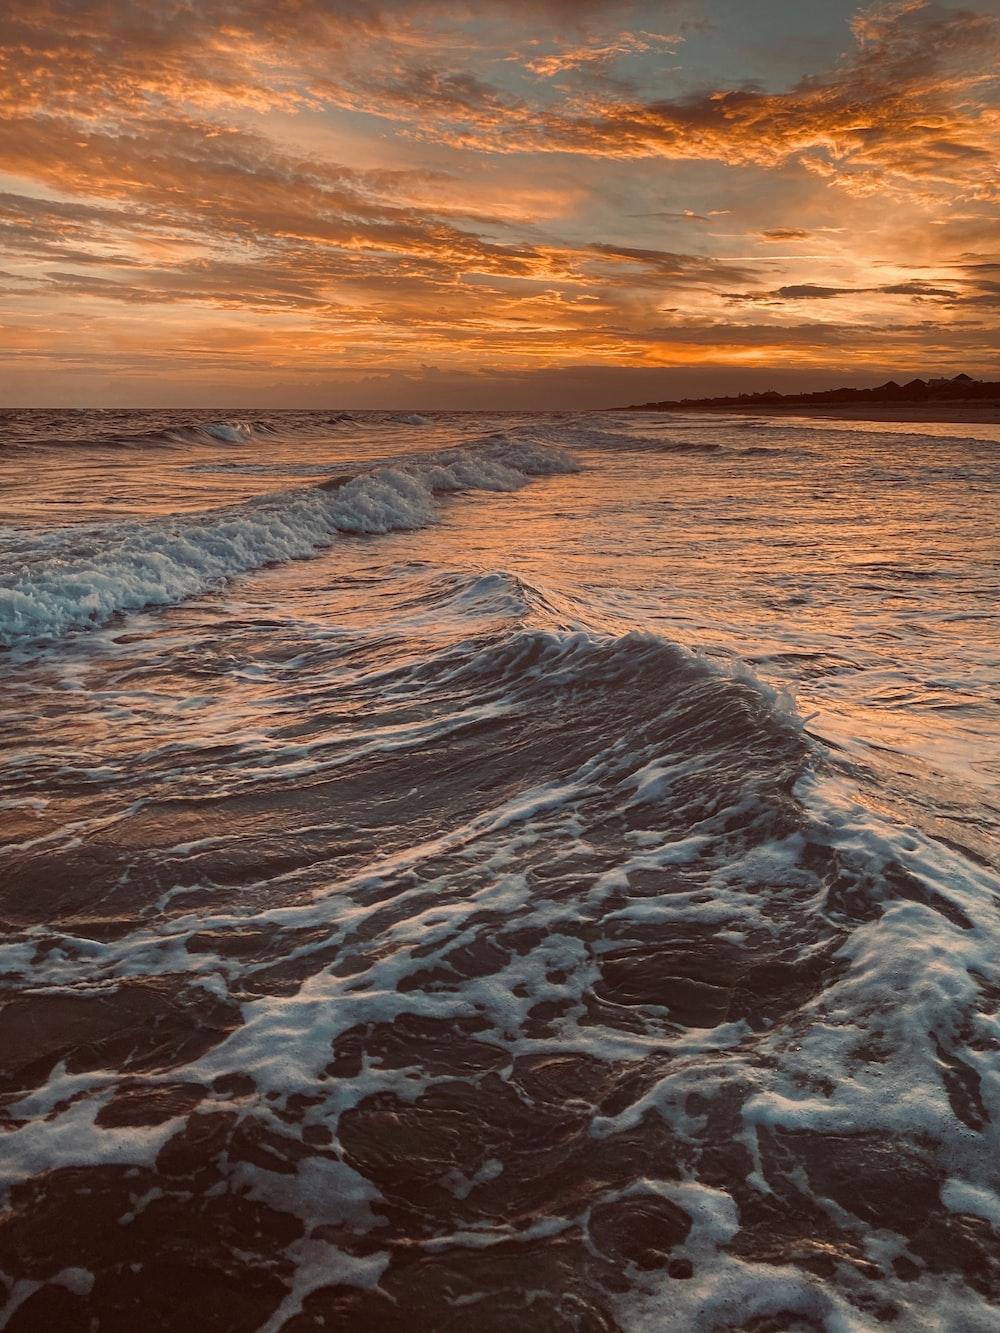 ocean waves crashing on shore during sunset